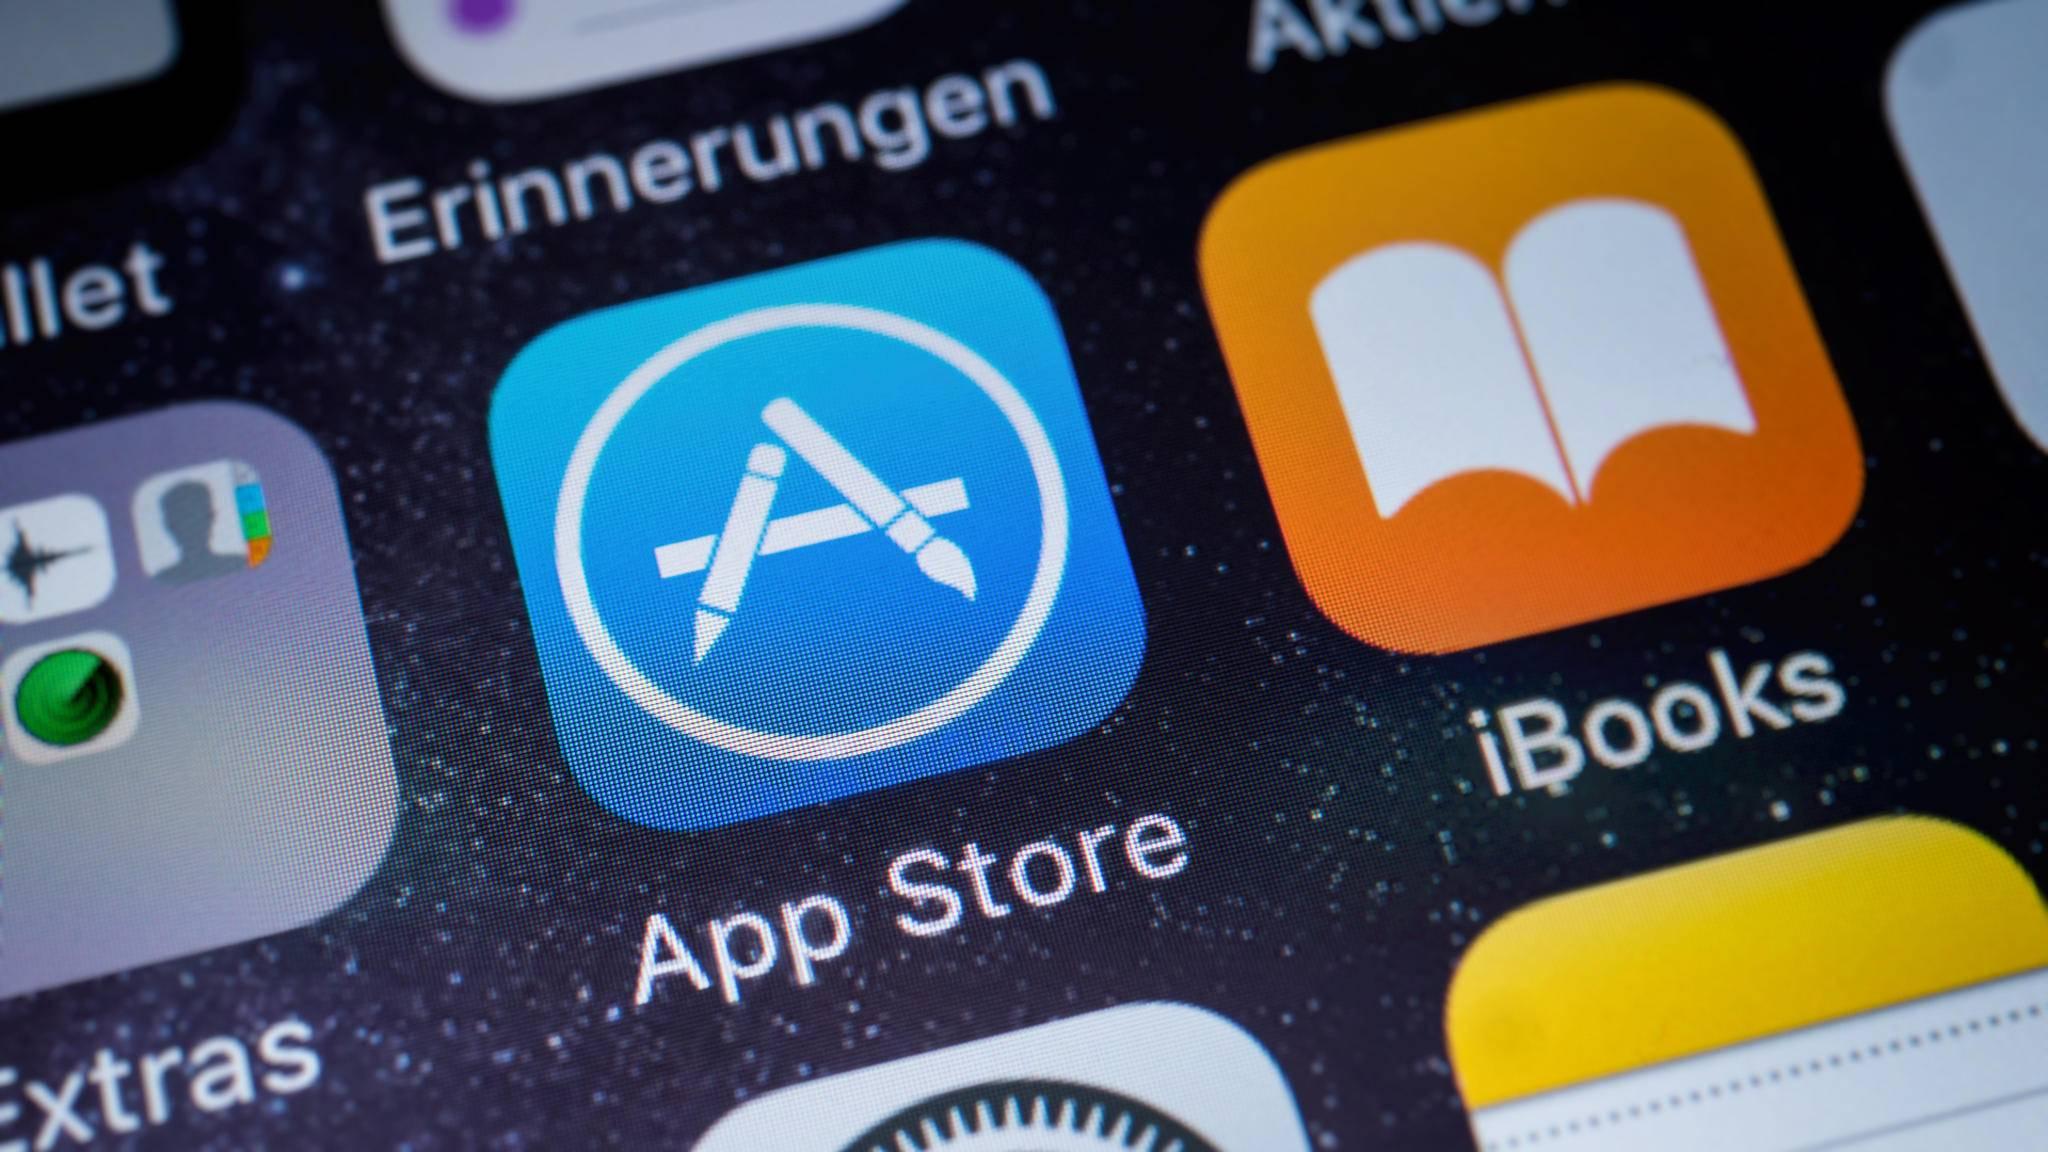 Tumblr ist überraschend nicht mehr im App Store verfügbar, die Gründe dafür sind nicht bekannt.